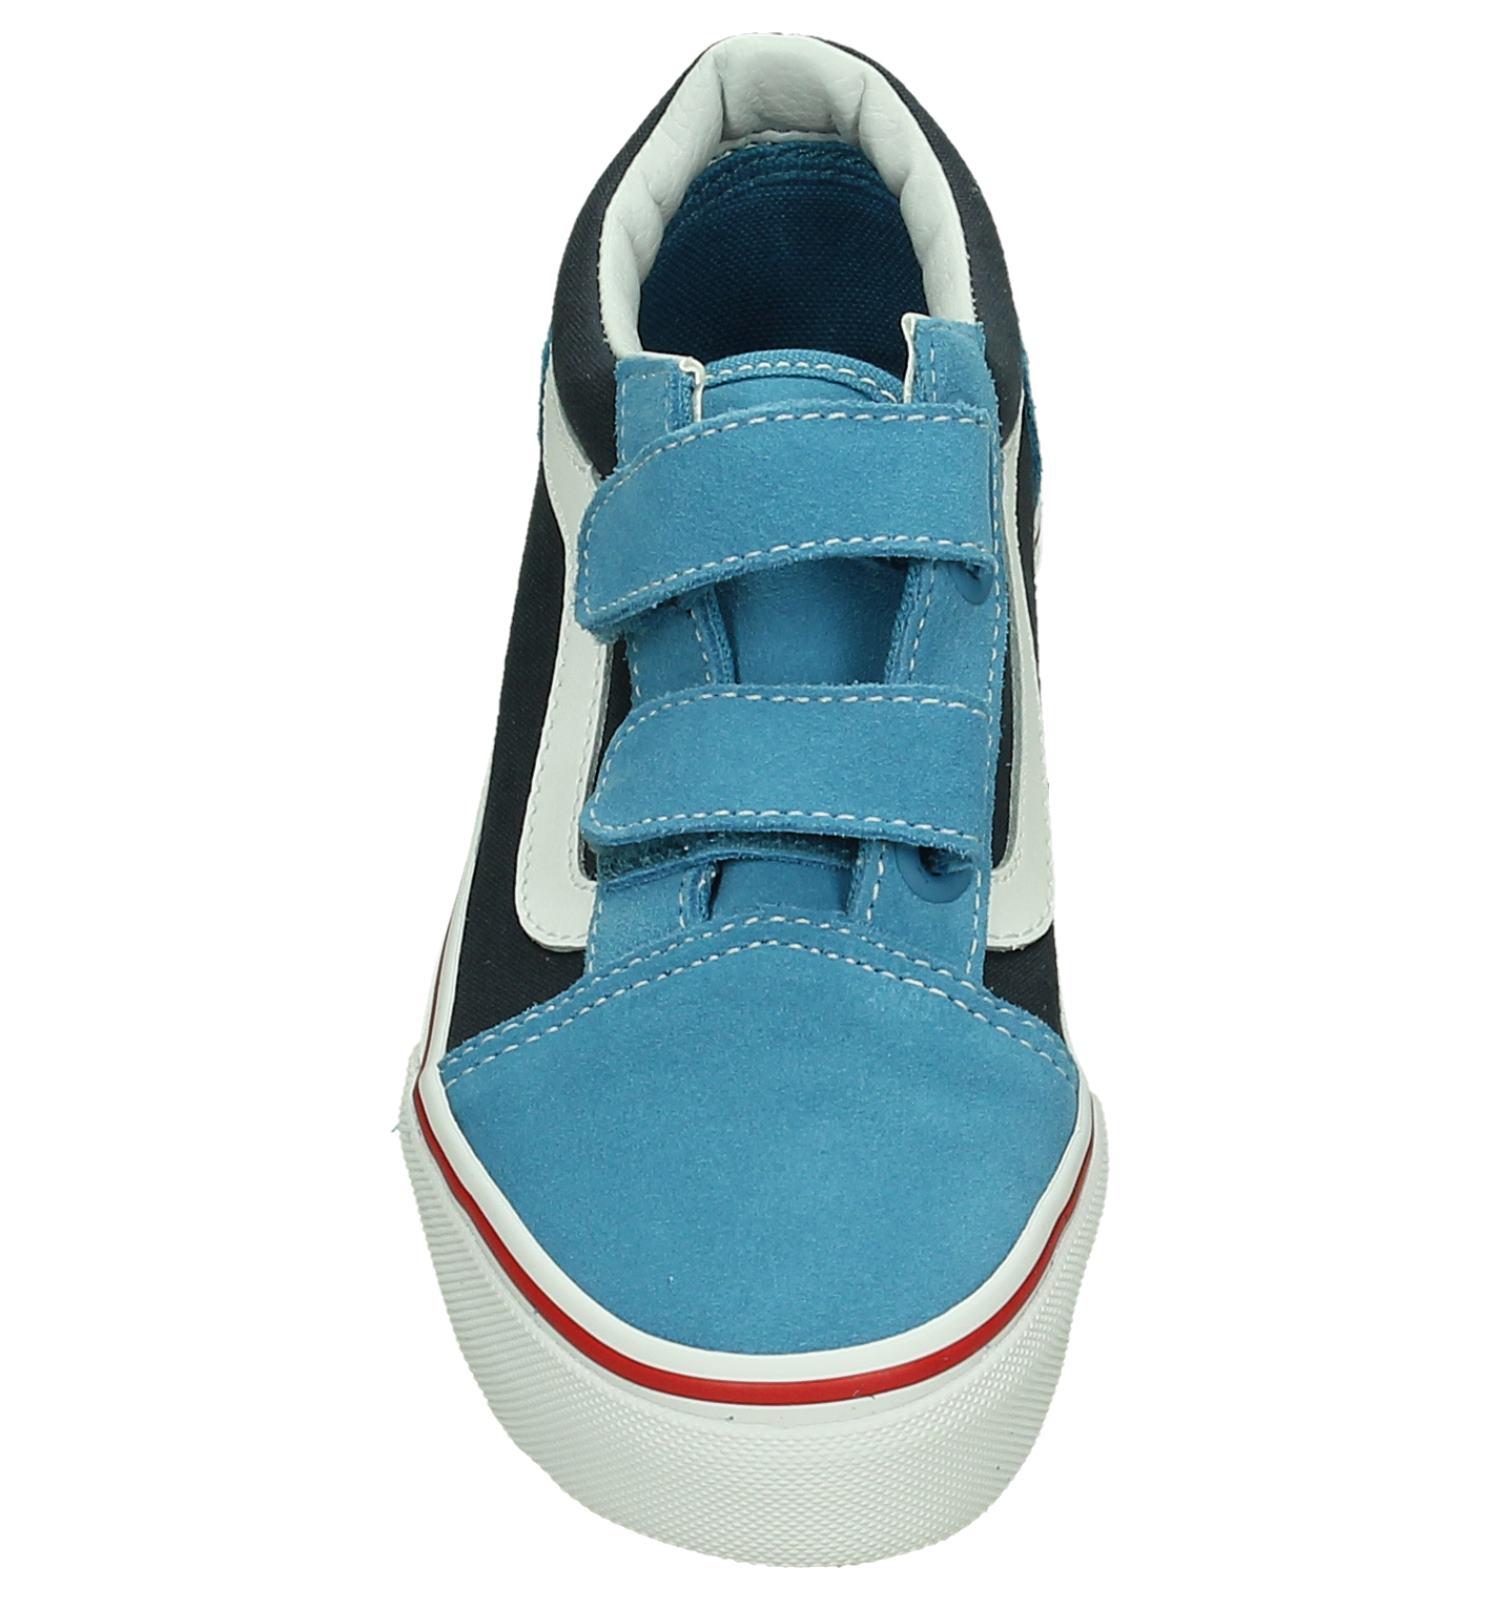 c7bb26b484cd22 Sneakers Blauw Vans Old Skool